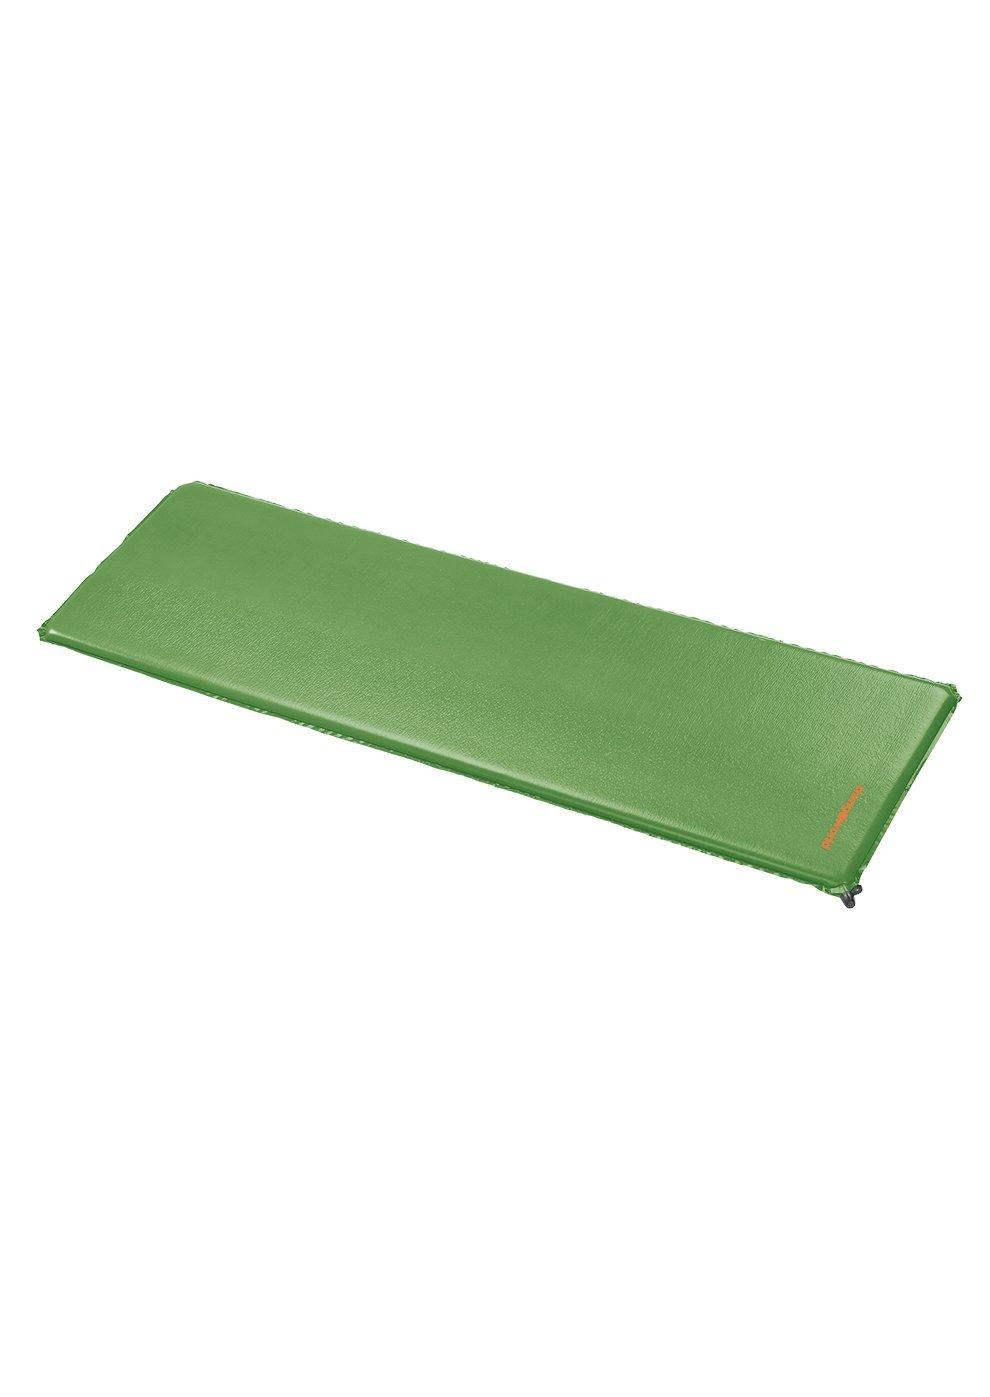 Trangoworld würzigen Skin mat Gymnastikmatte, Grün/Anthrazit, Einheitsgröße